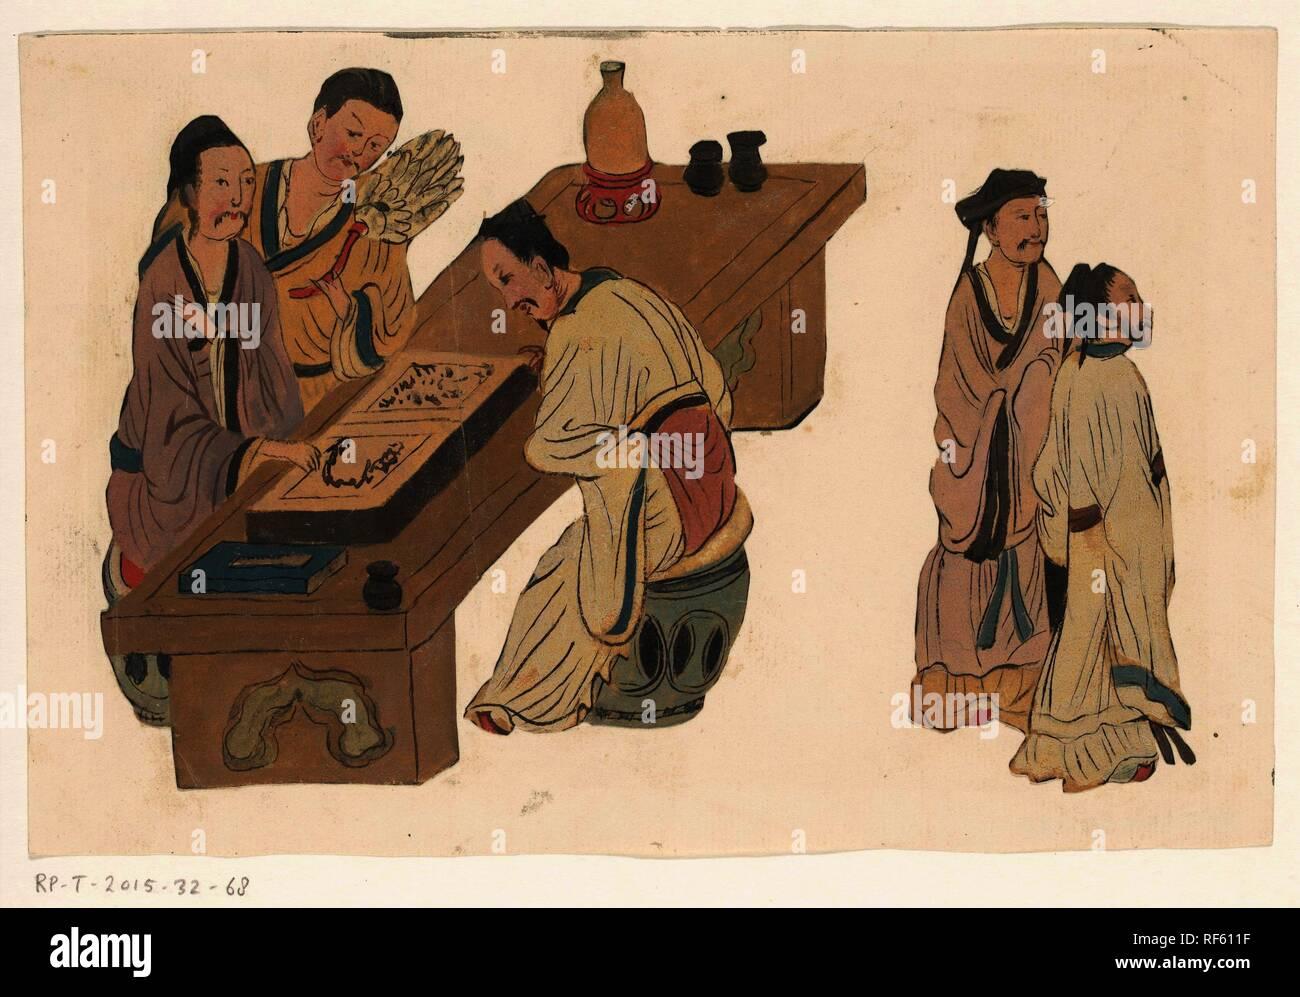 Libraio cinese. Relatore per parere: anonimo. Dating: 1800 - 1899. Misurazioni: h 145 mm × W 222 mm. Museo: Rijksmuseum Amsterdam. Immagini Stock